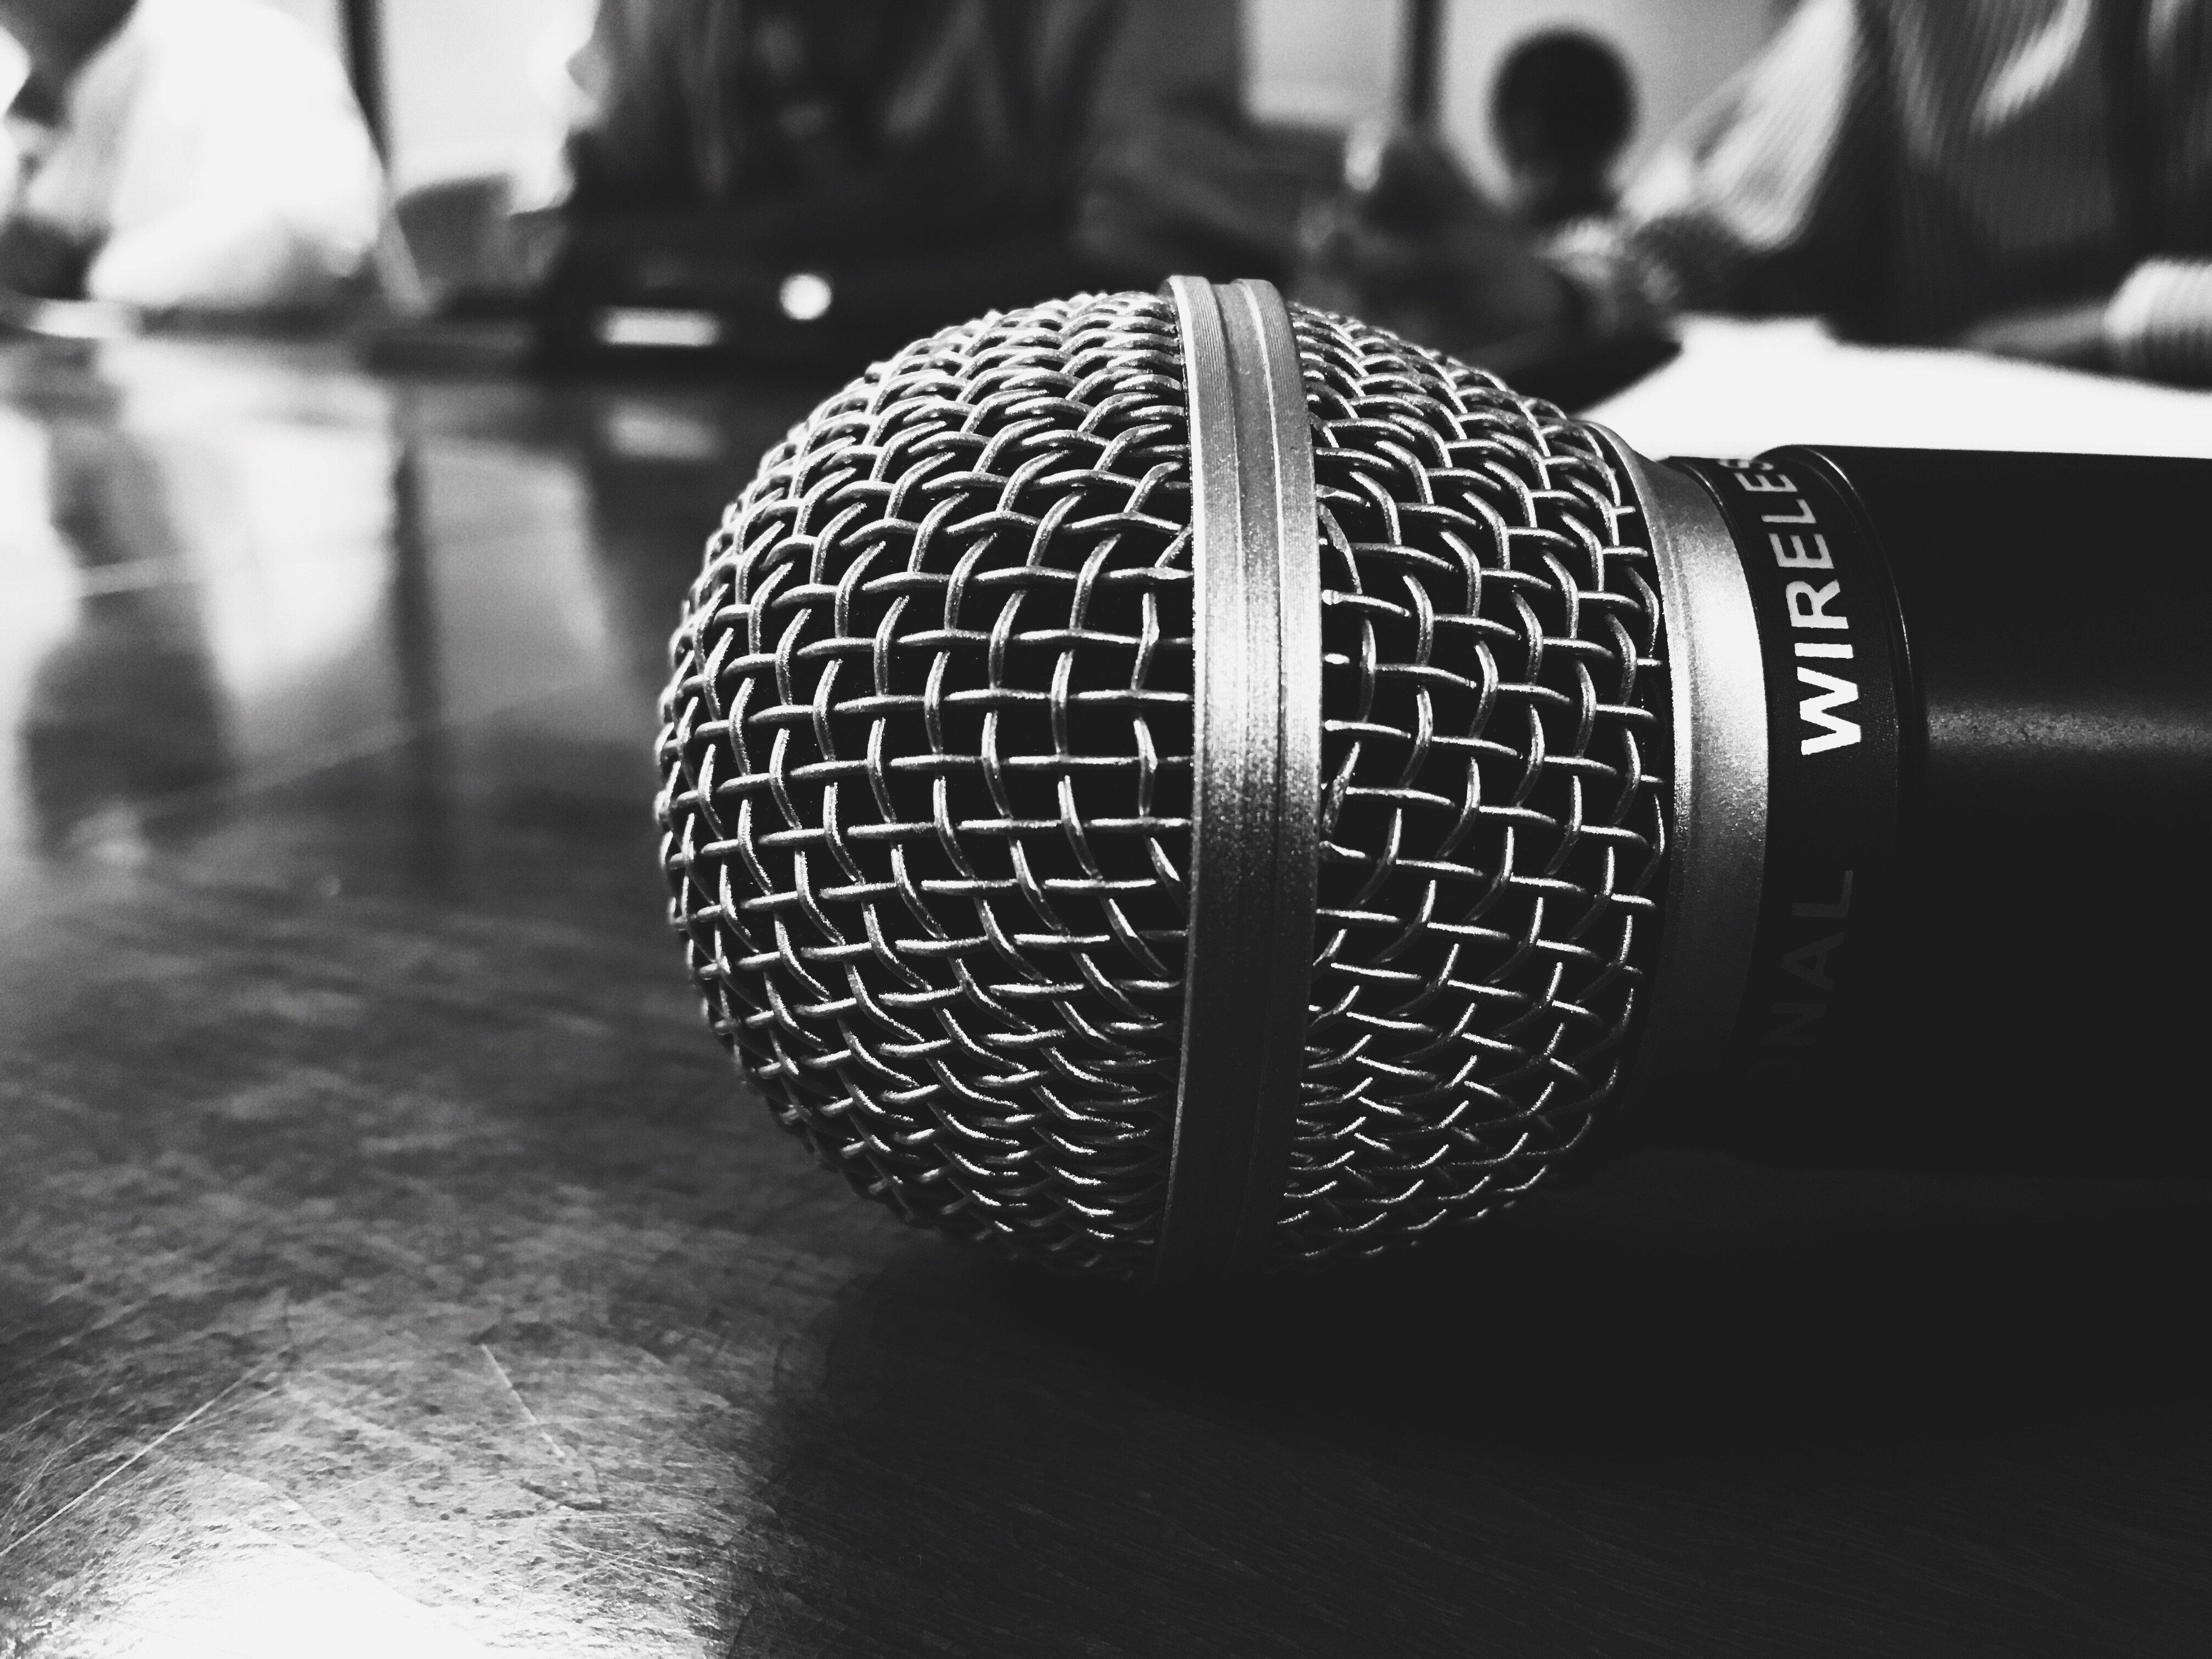 microphone-972JDHJ